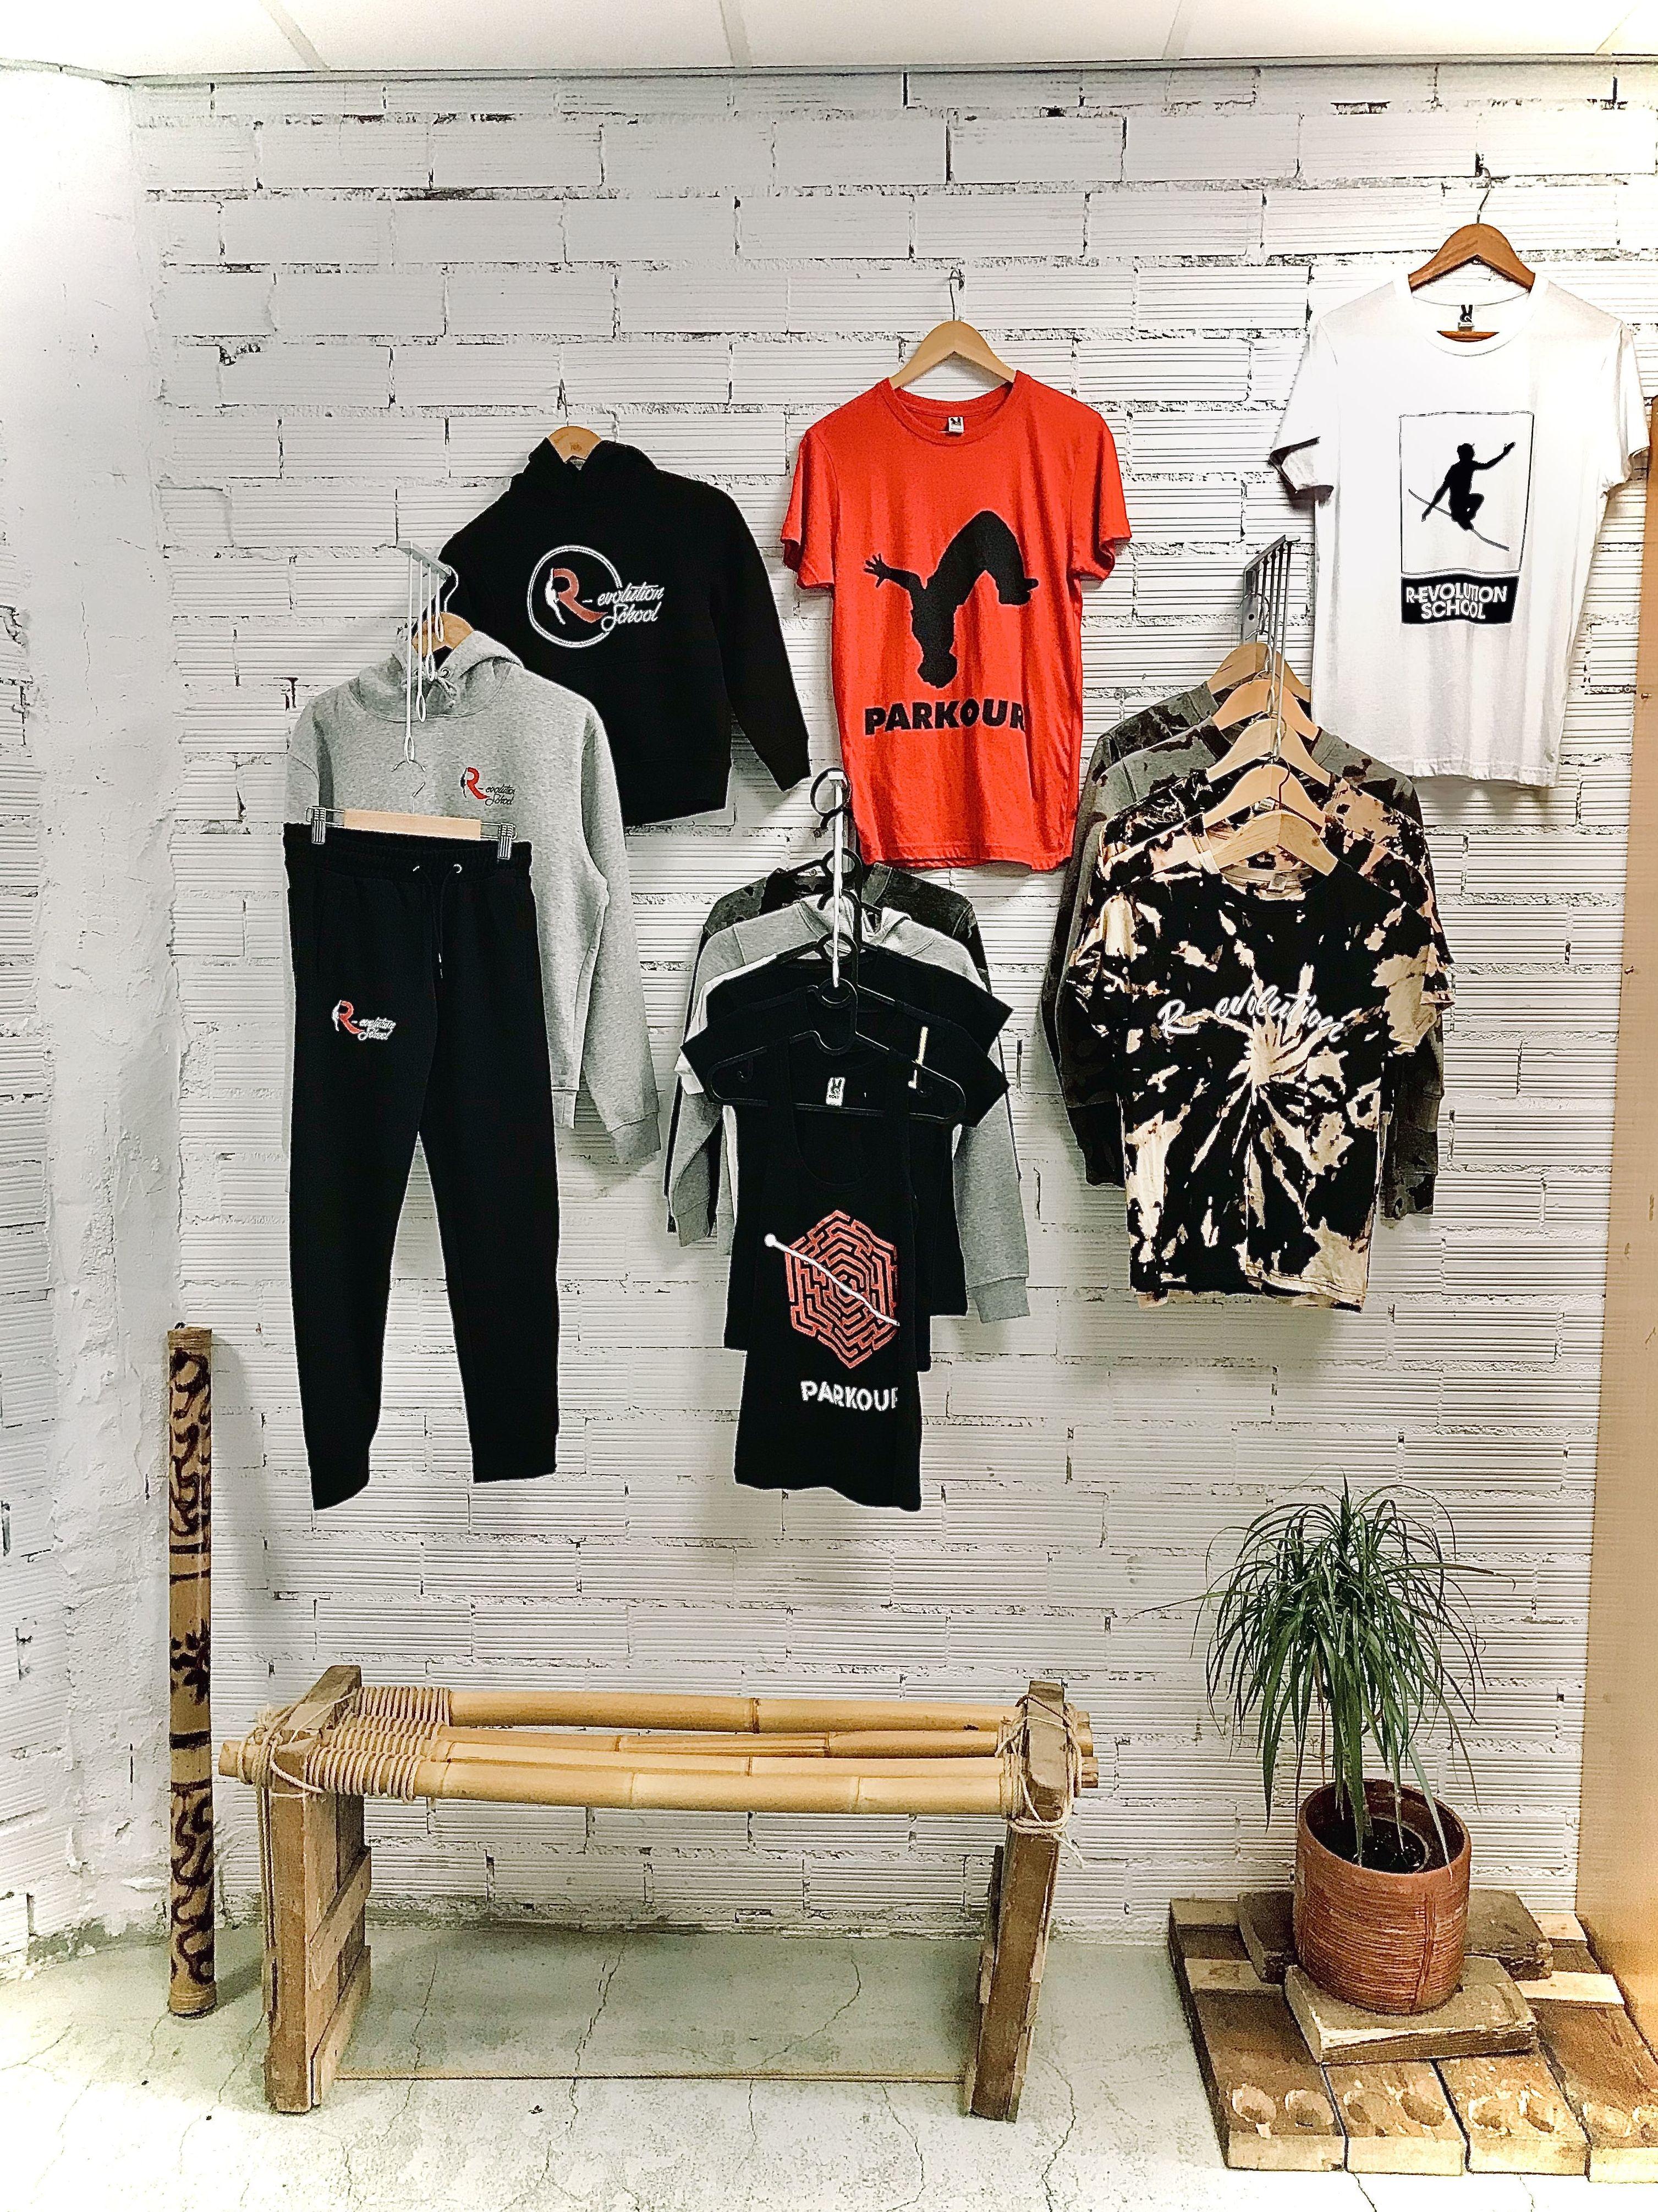 Venta de ropa de parkour:  de R-evolution School